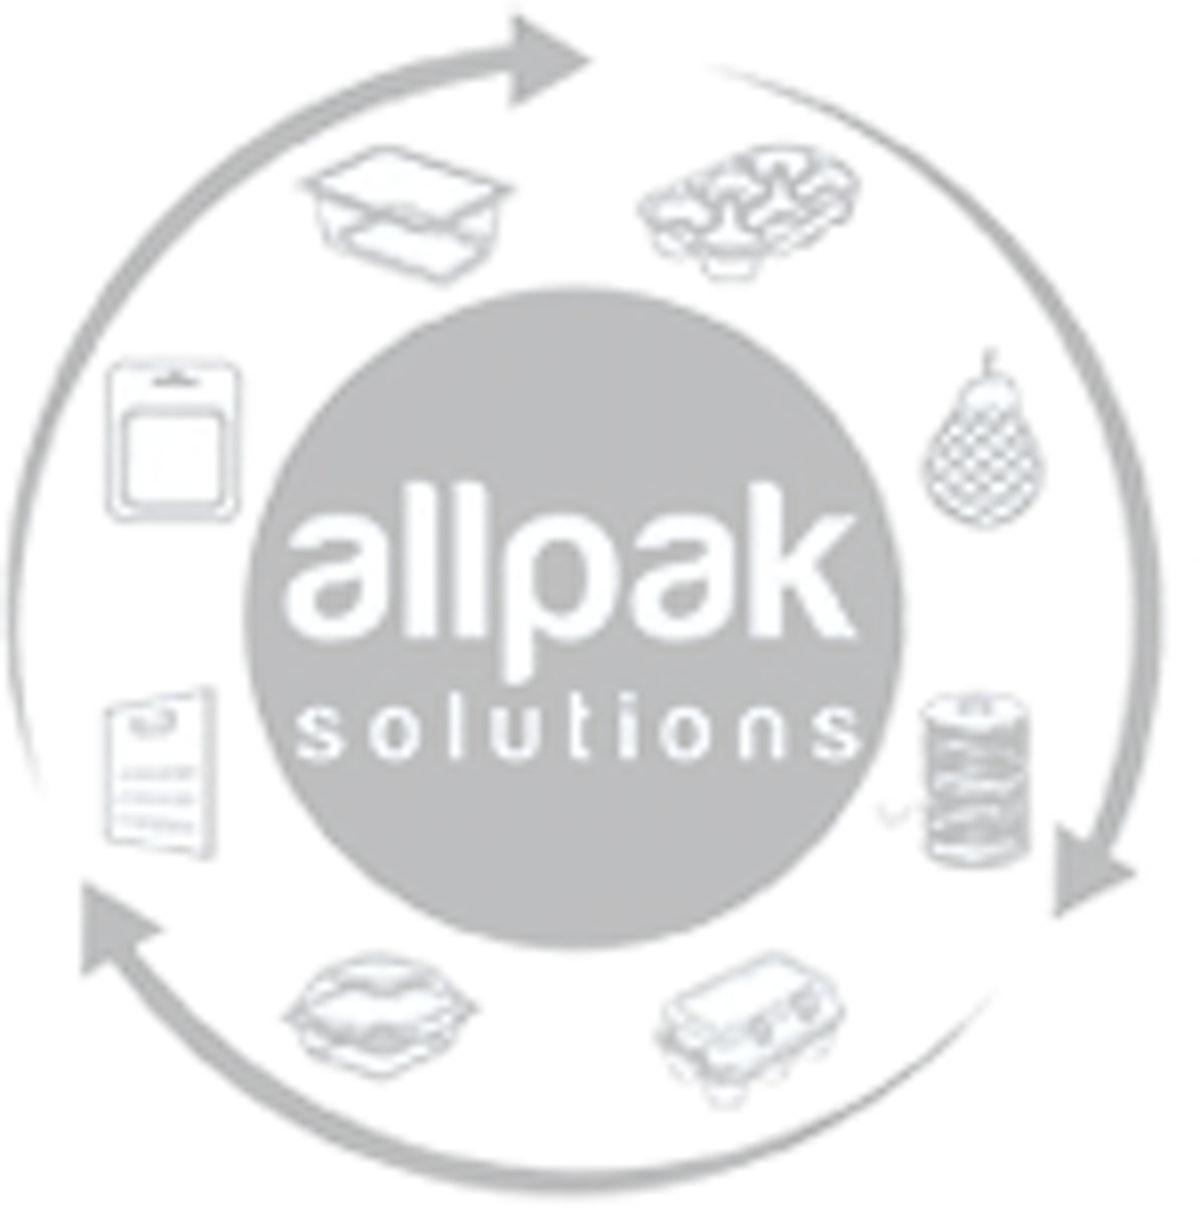 allpakso1.png